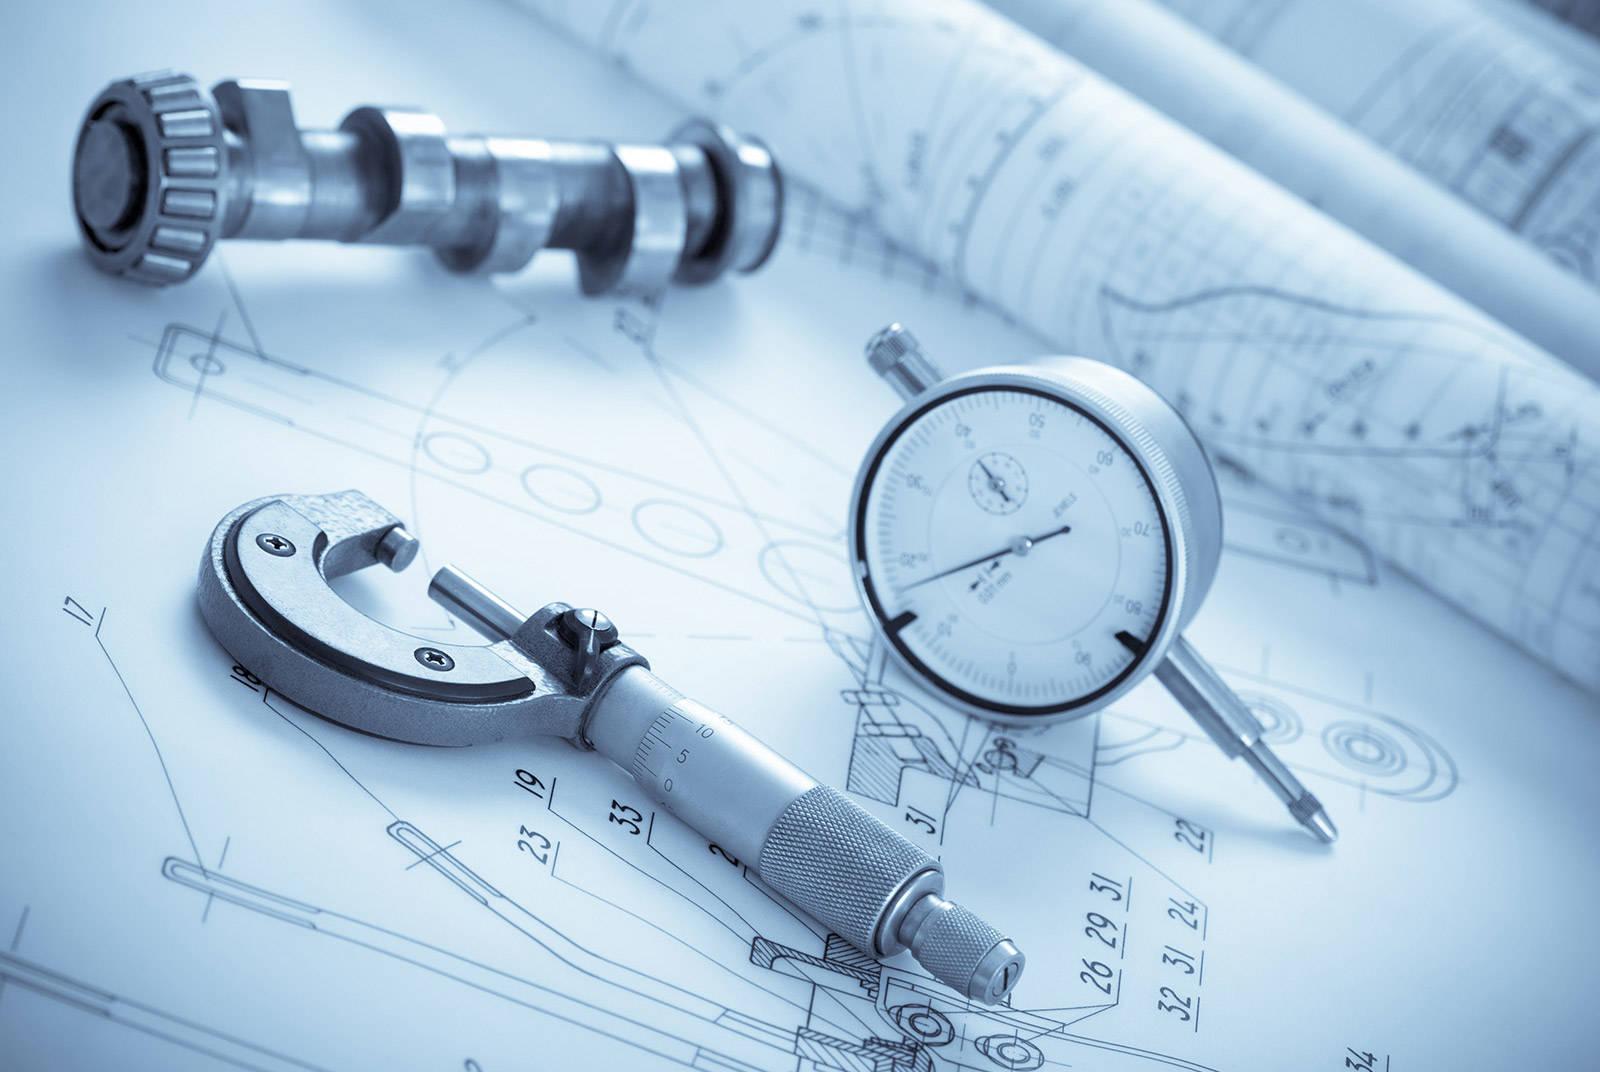 Метрология, стандартизация и сертификация Ступино ДЛА (3 зе)